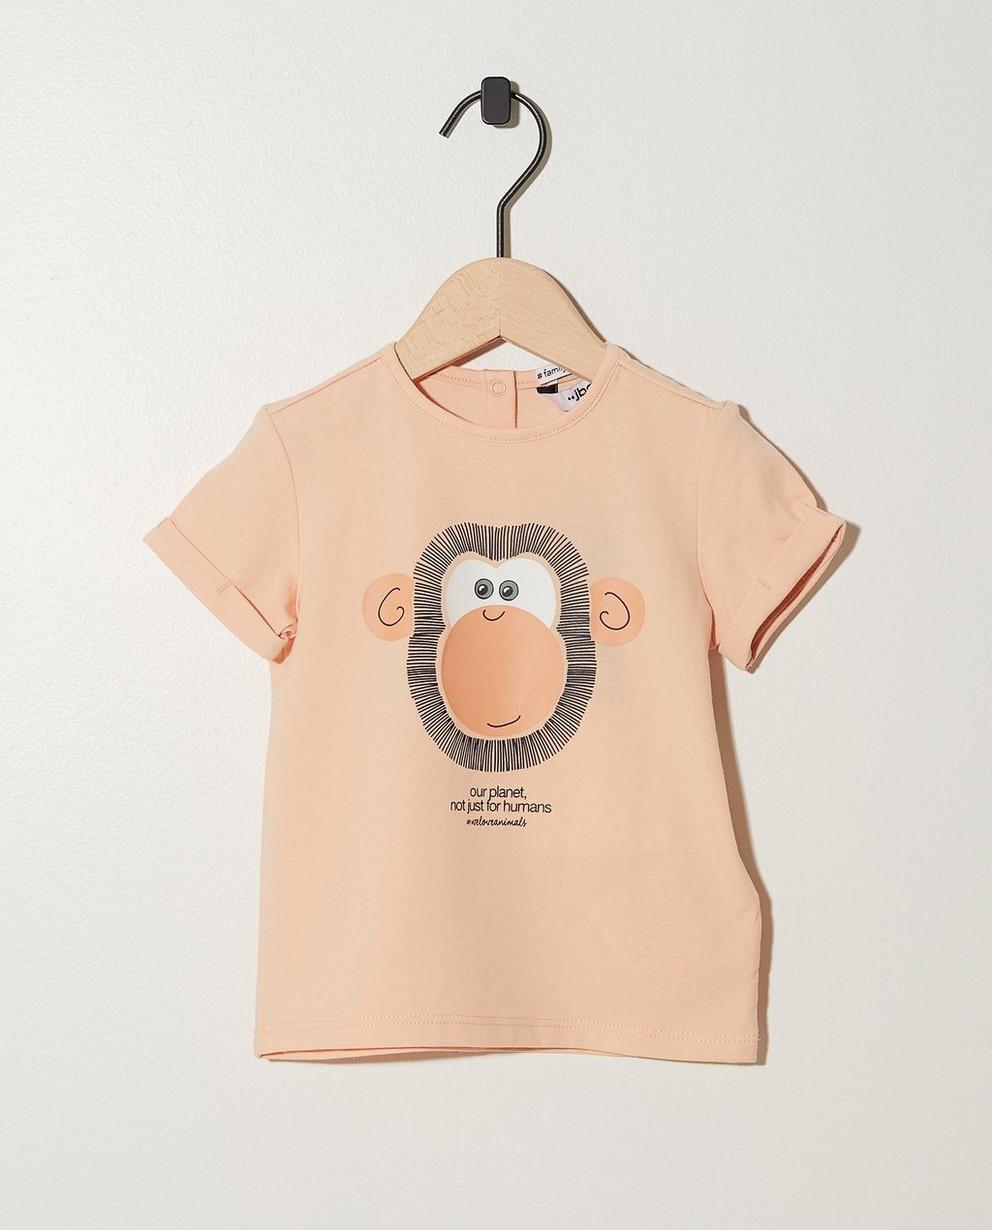 T-shirt saumon, imprimé d'un singe - bord côtelé élastique - JBC